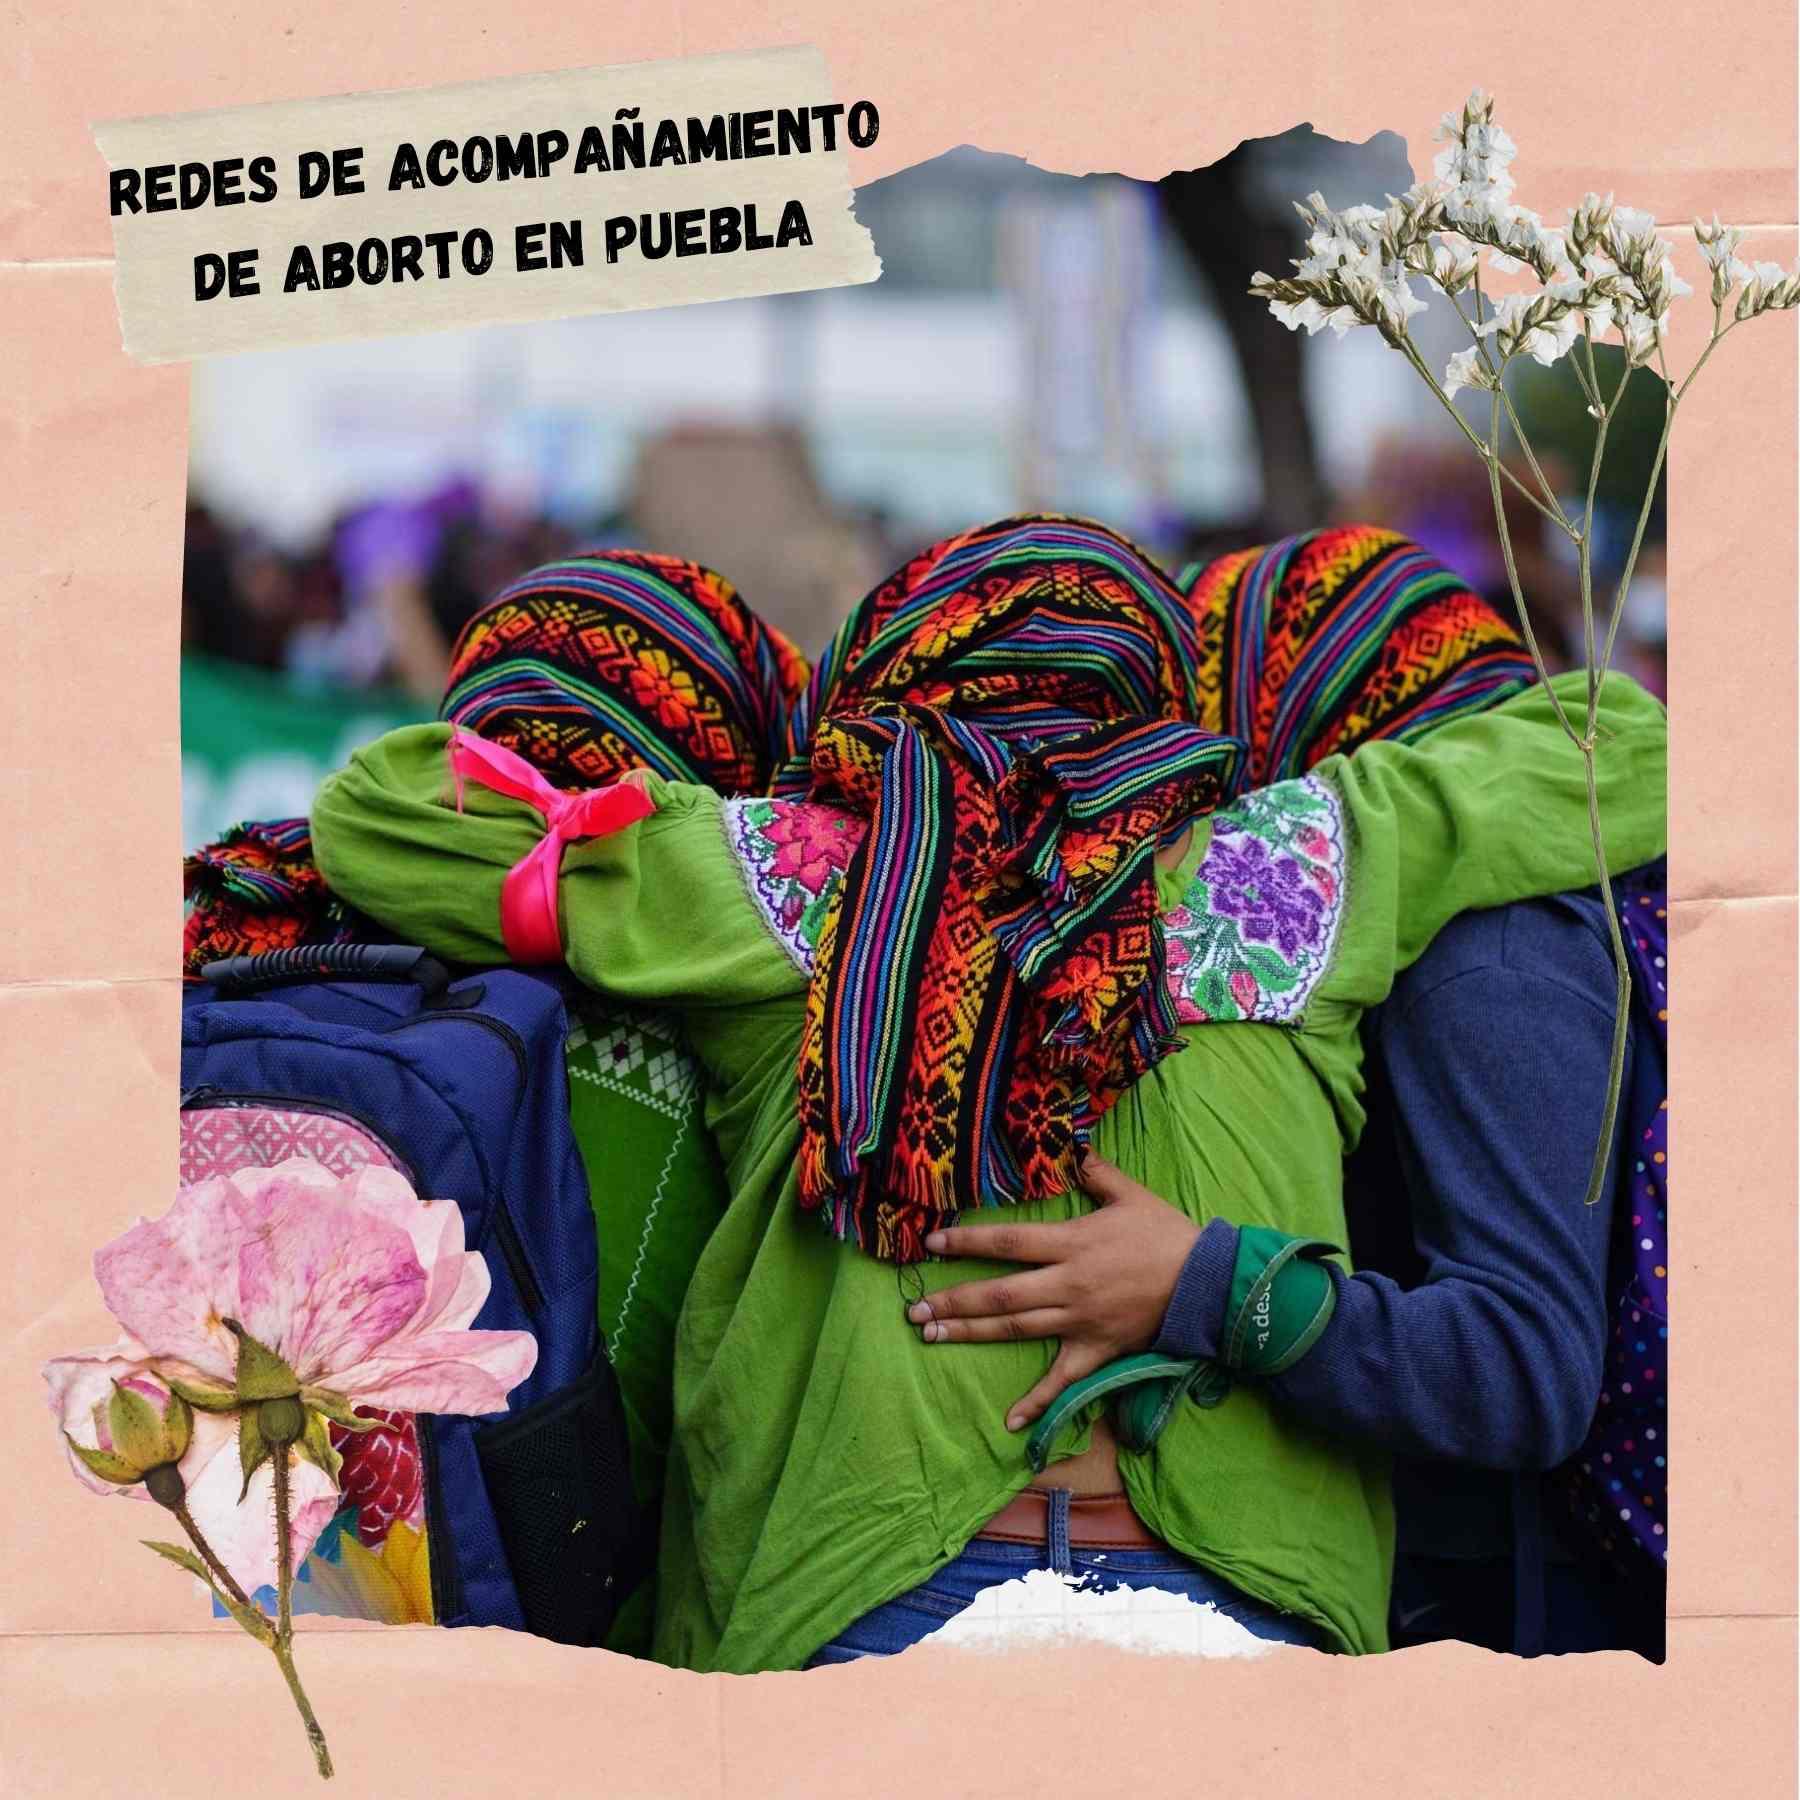 redes de acompañamiento aborto Puebla